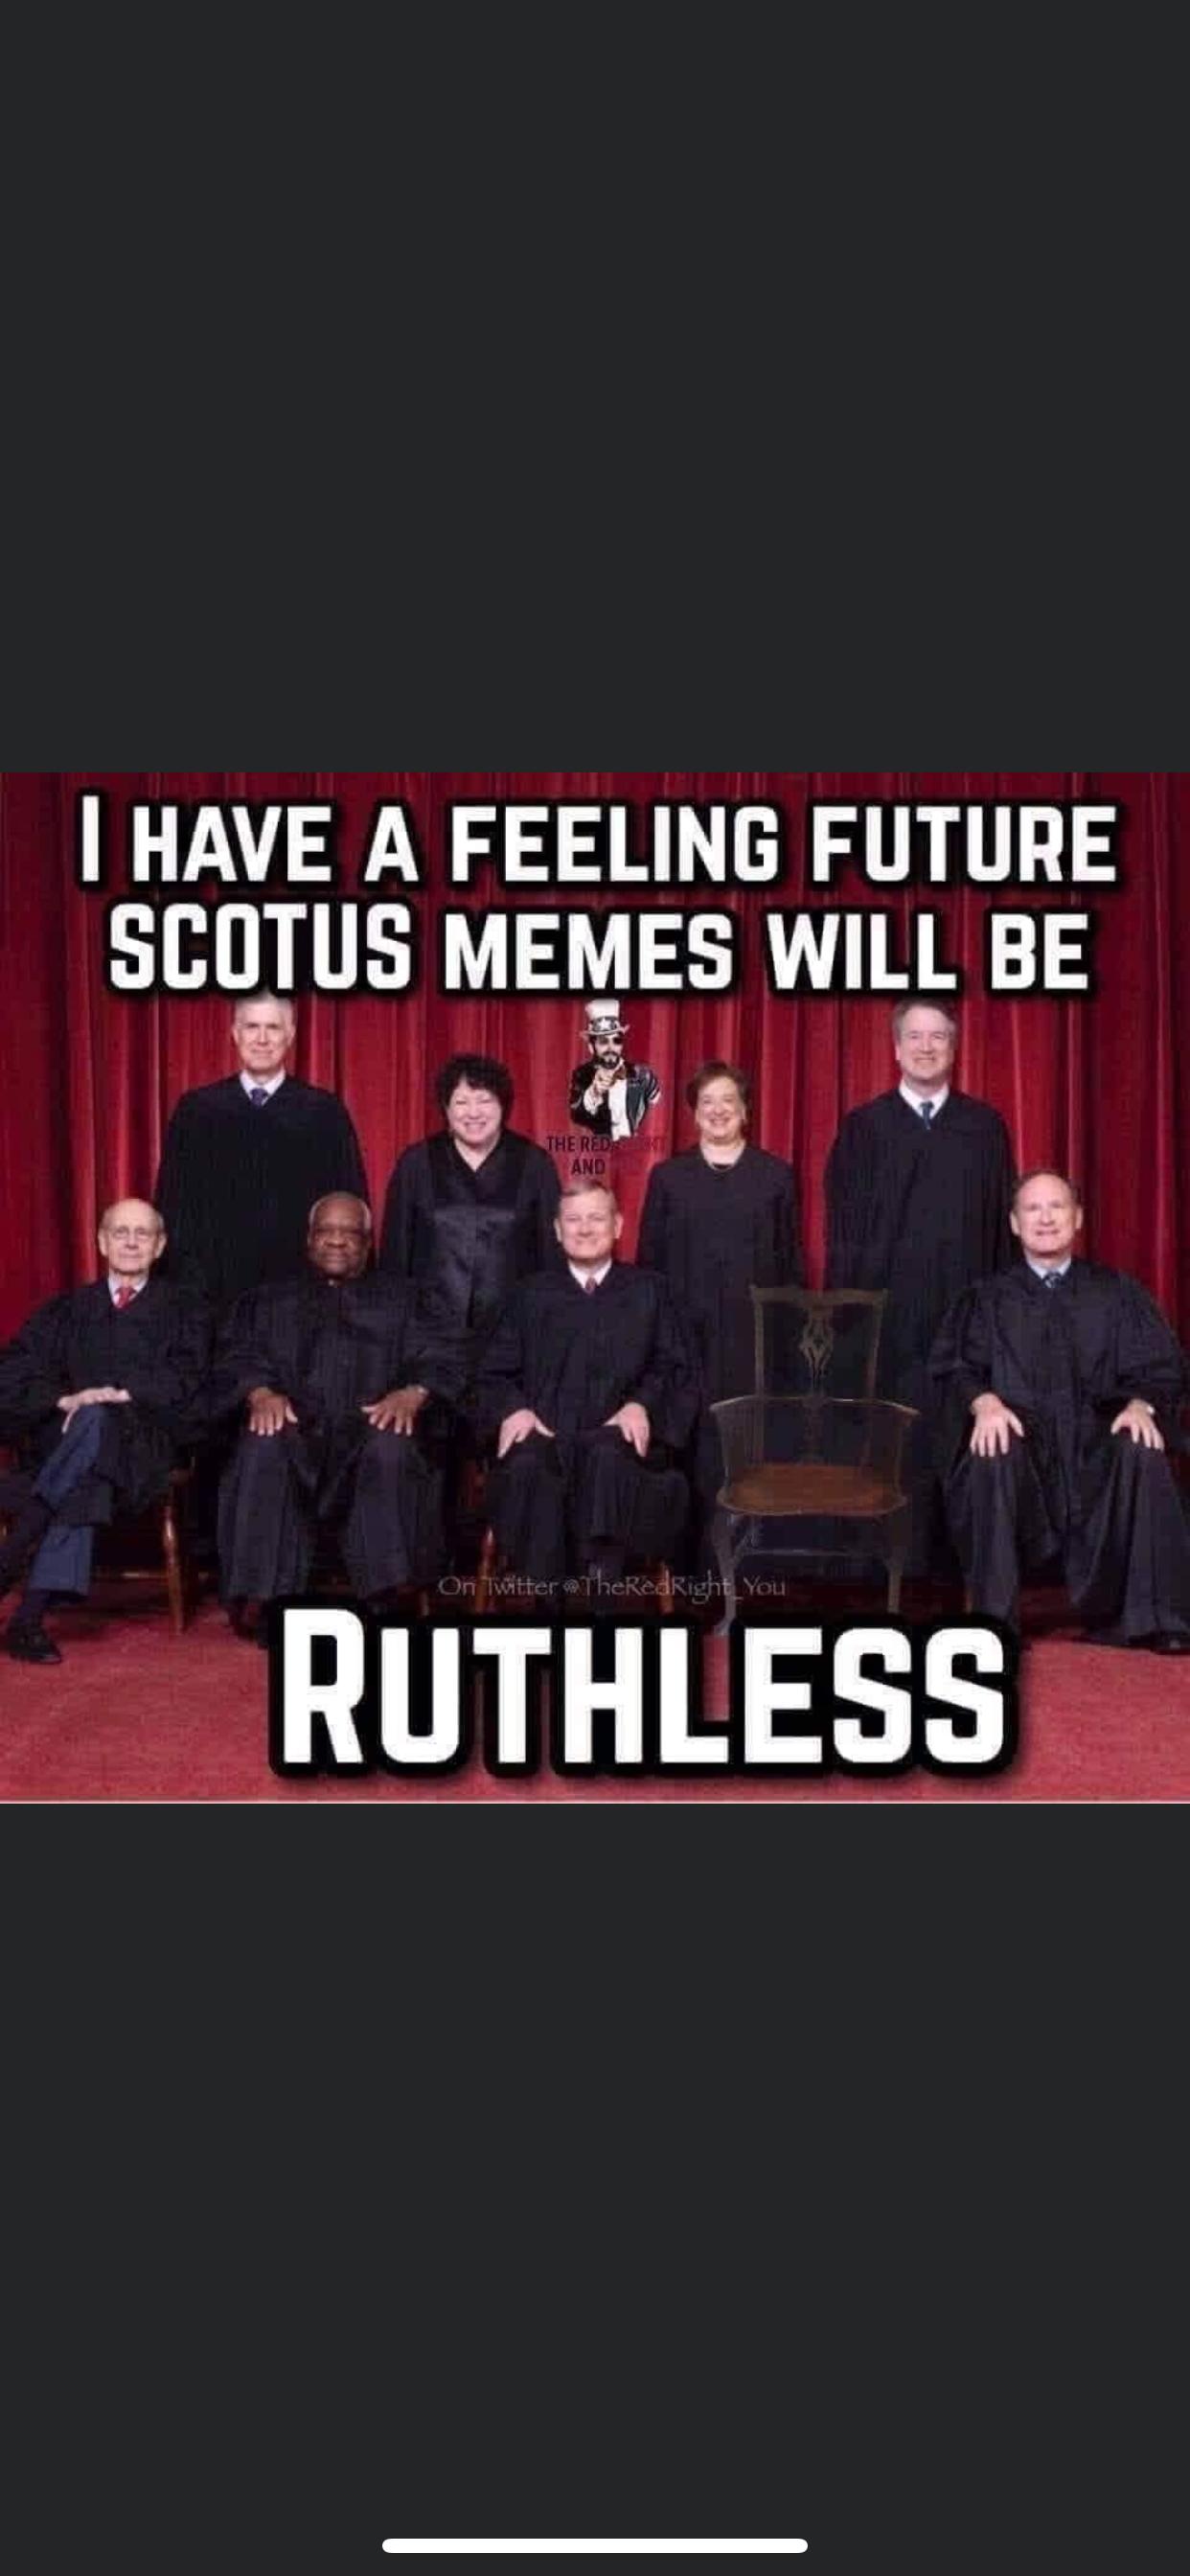 Justice Ruth Bader Ginsburg Dead-439c8003-de2c-4508-b6da-6c565d1a234b.png